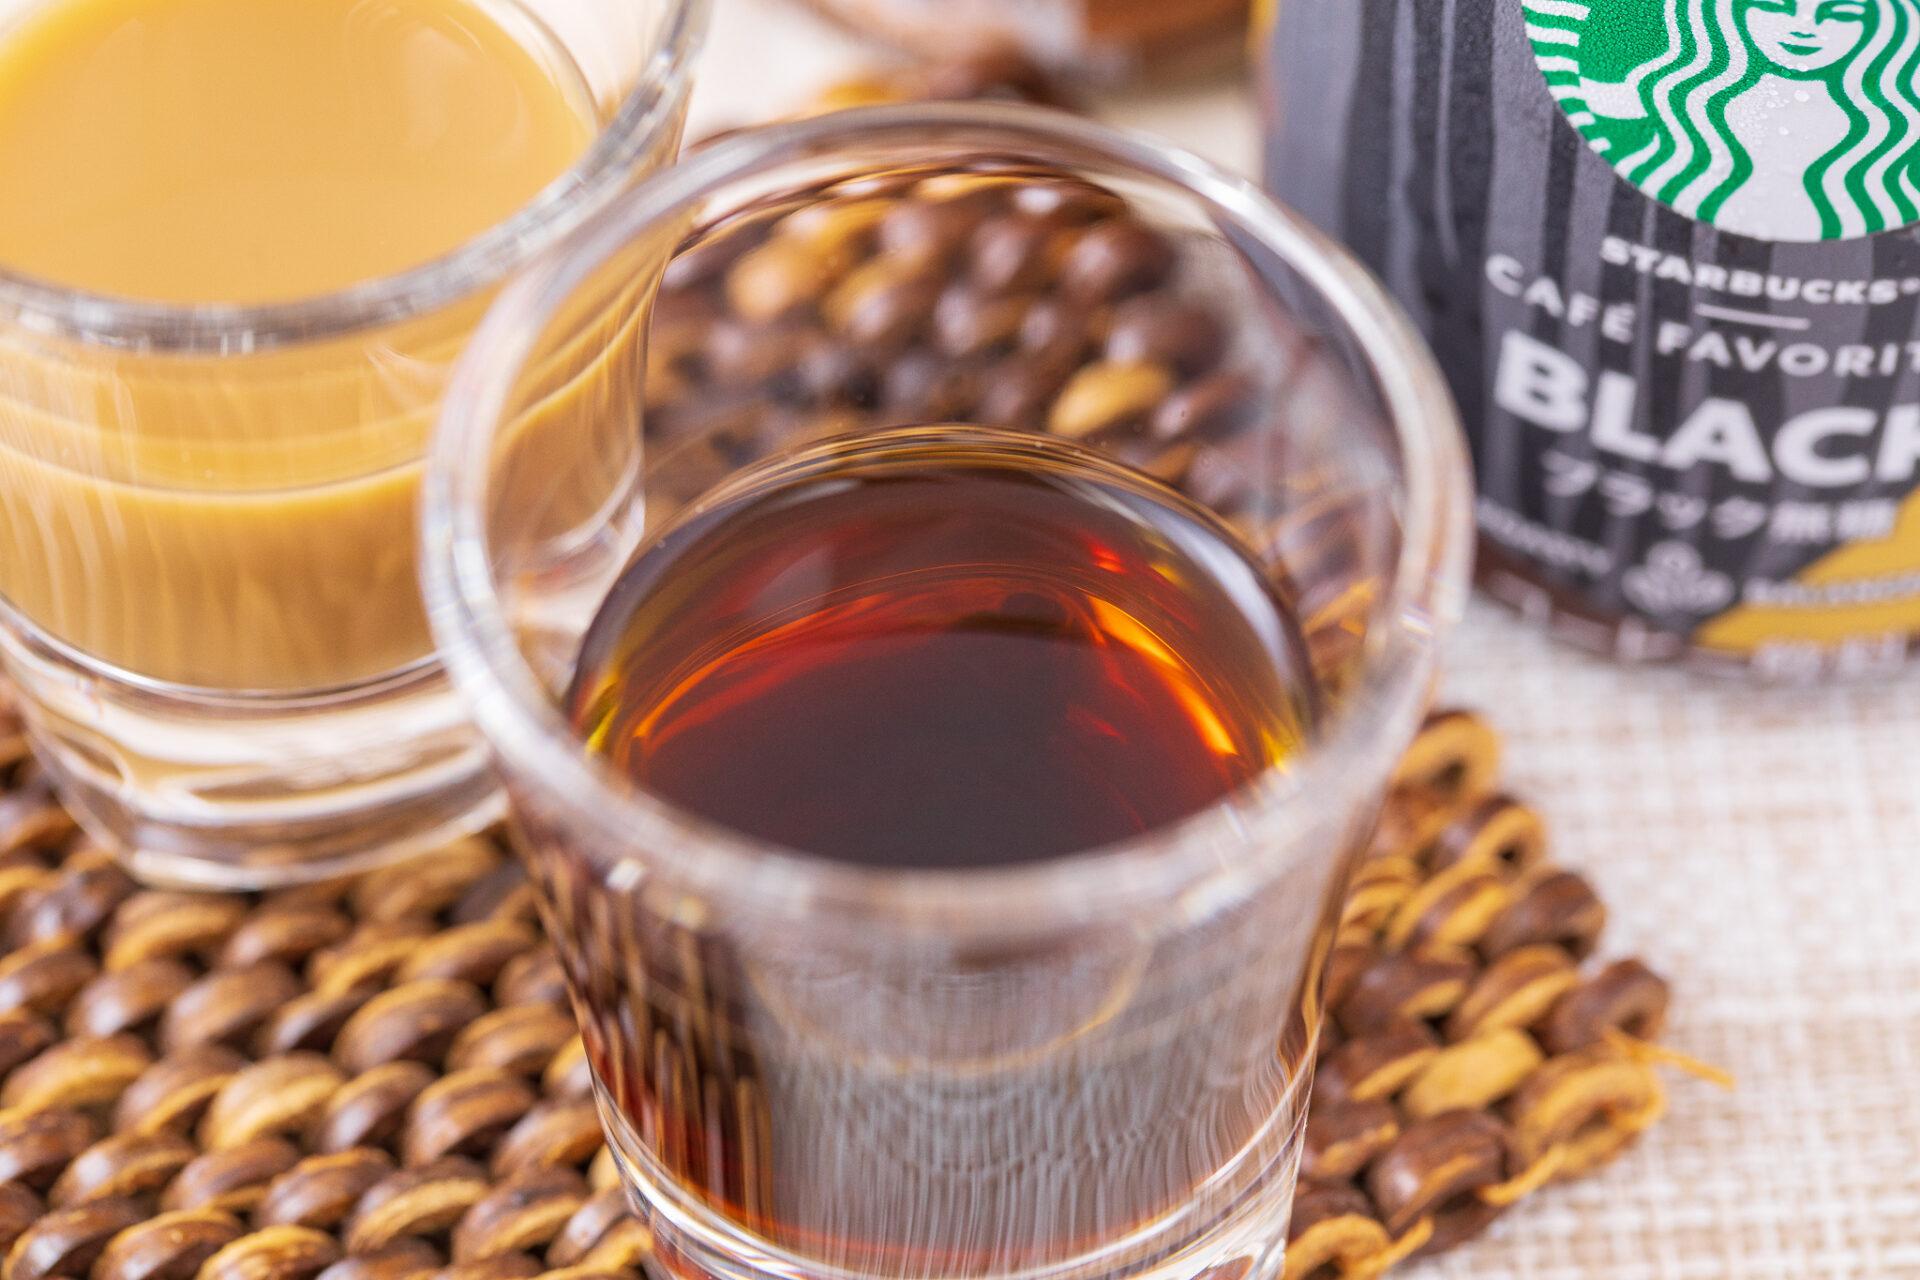 セブン&アイグループ限定『スターバックス CAFÉ FAVORITES ブラック無糖』